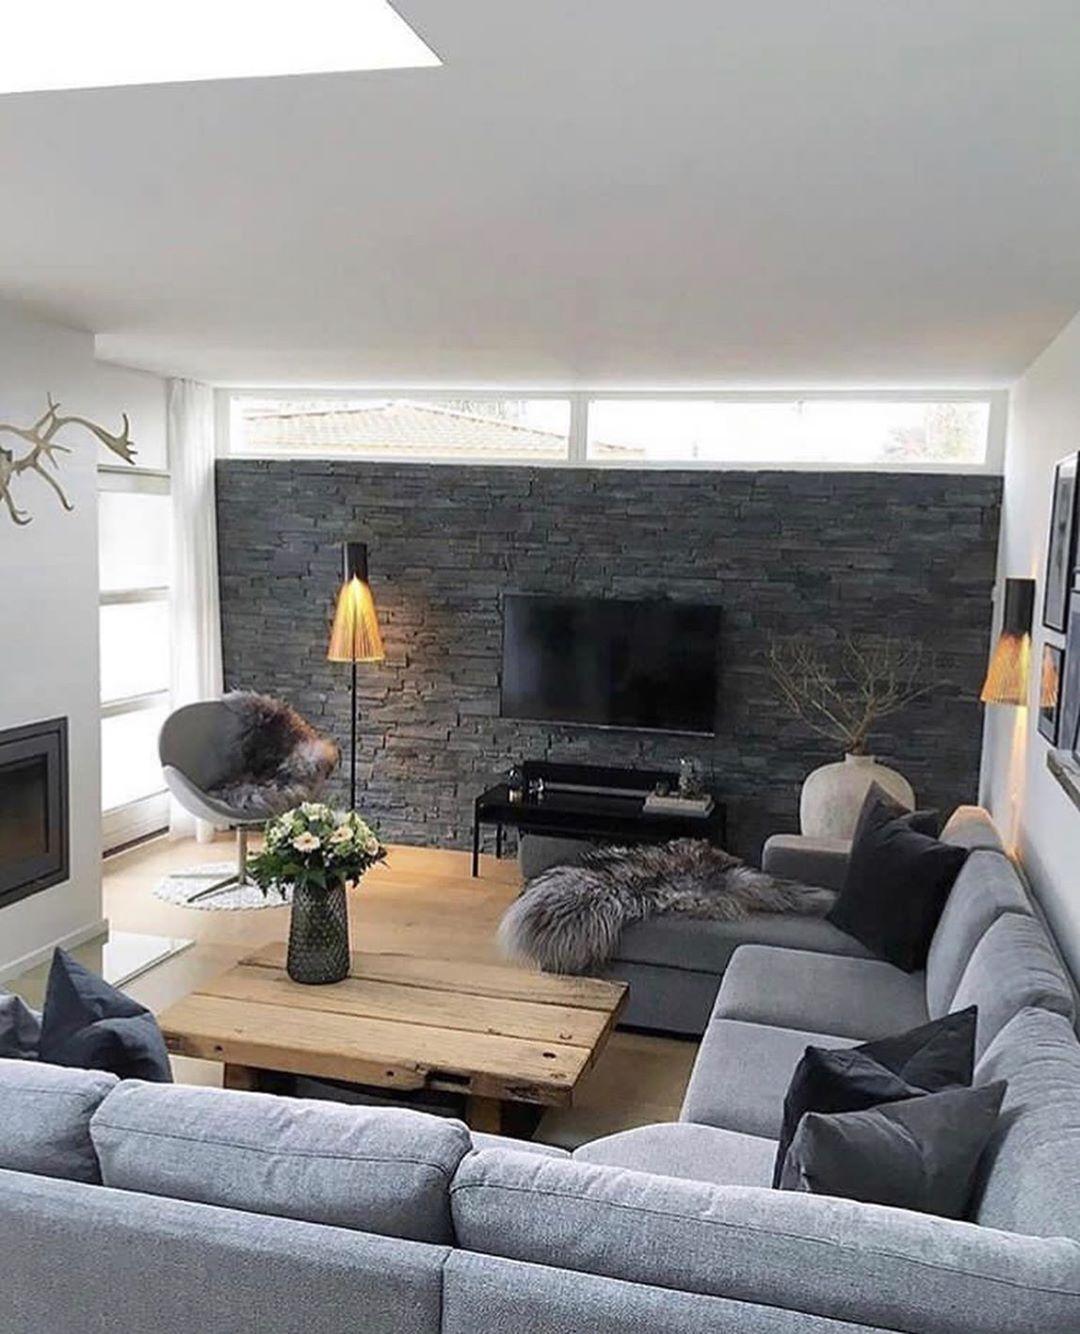 mobilier design pour une maison moderne en 19  Idee deco salon